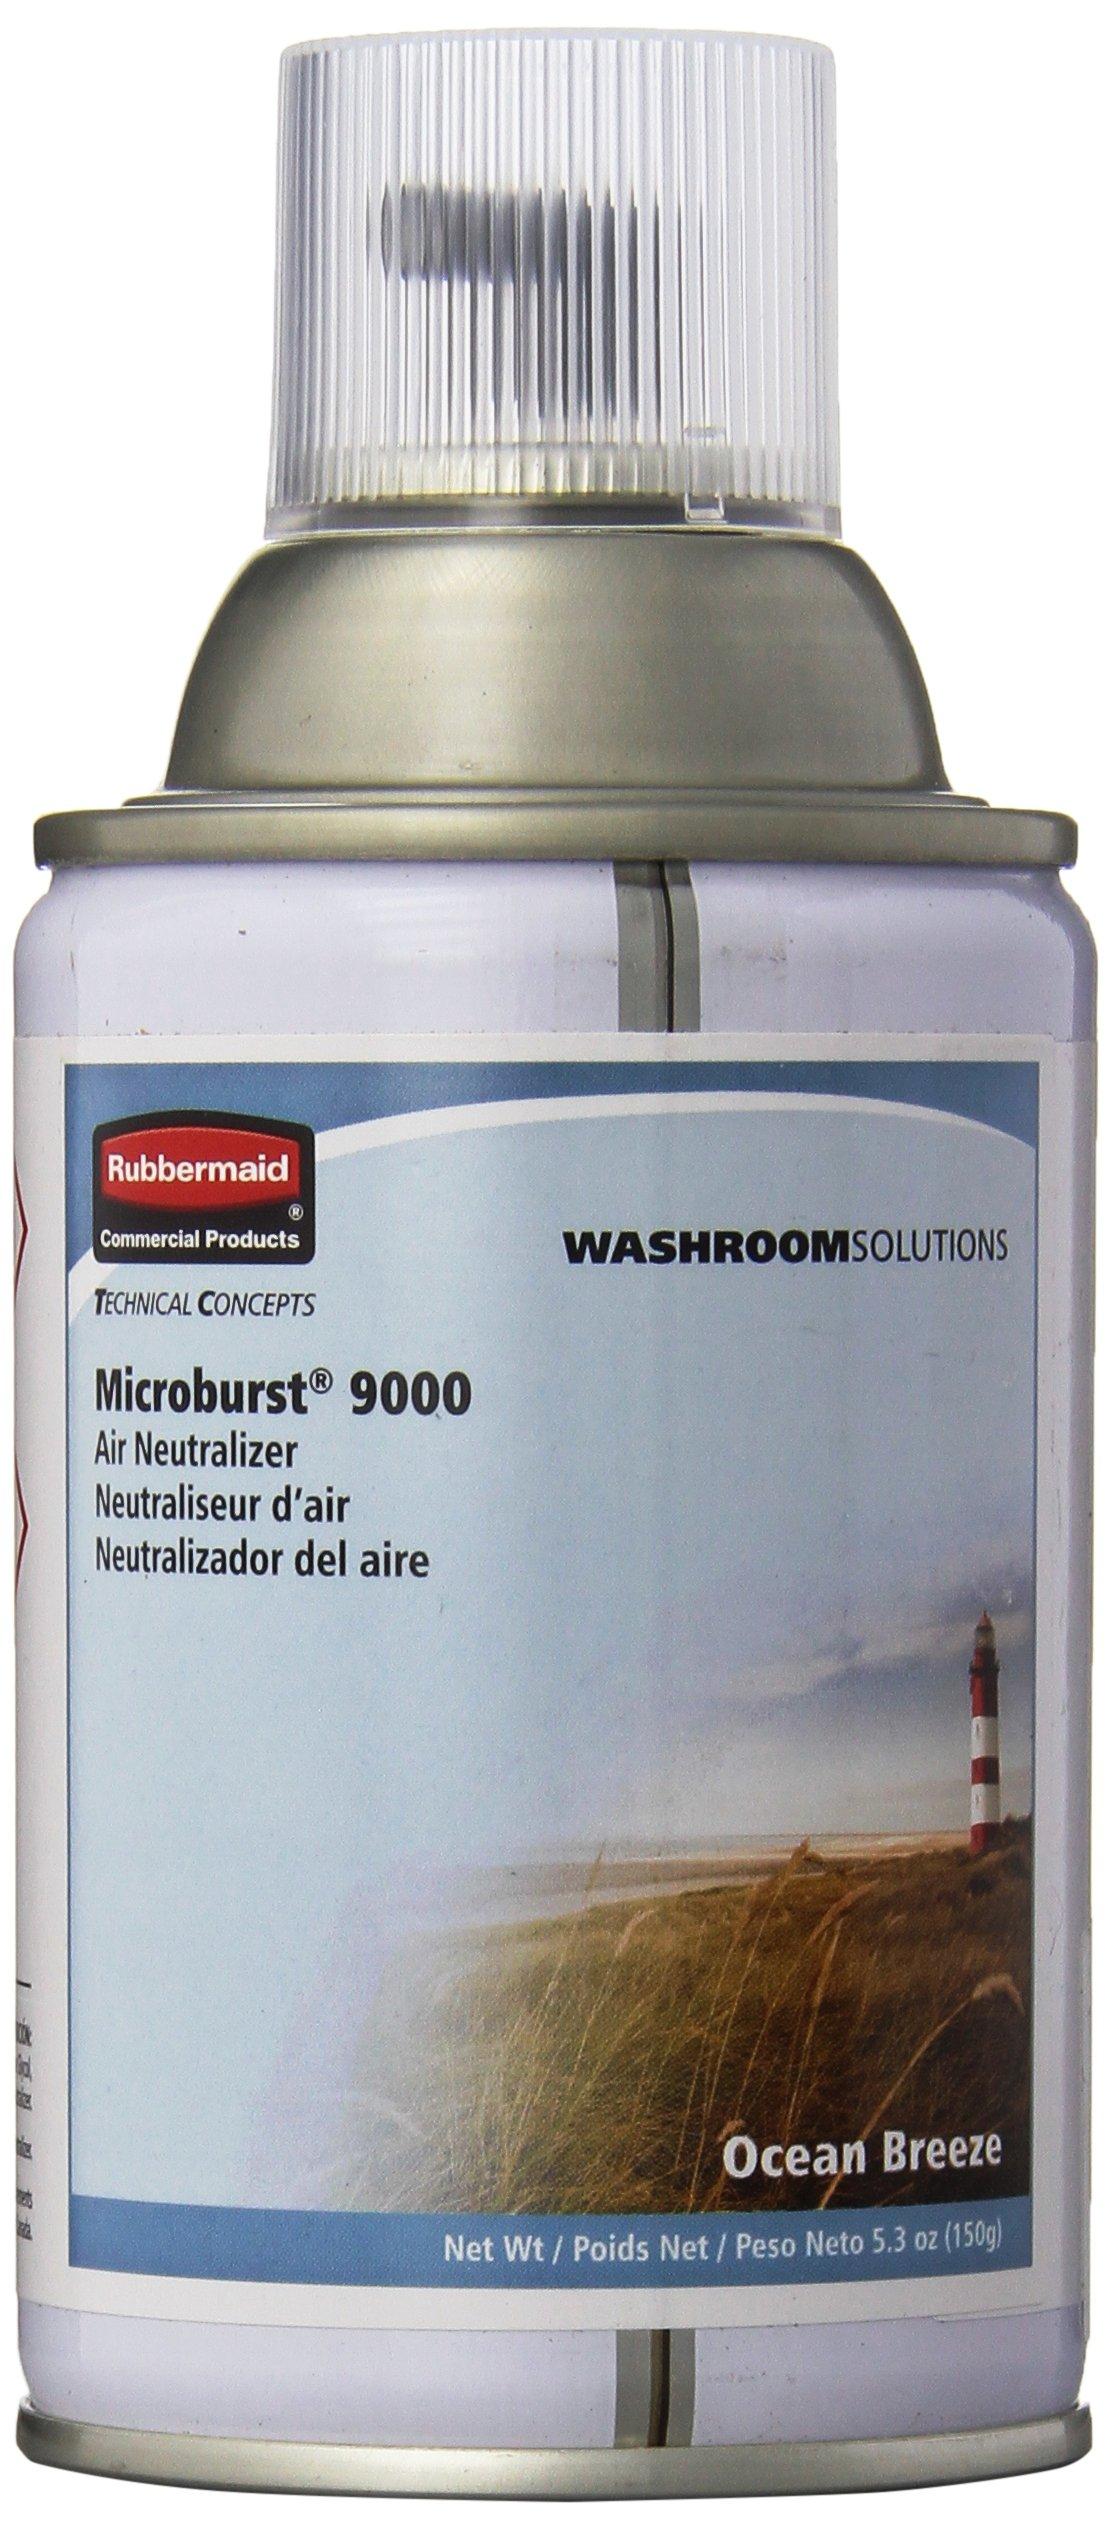 Rubbermaid Commercial Standard Air Freshener Aerosol Refill for Microburst 9000, Ocean Breeze, FG4012471